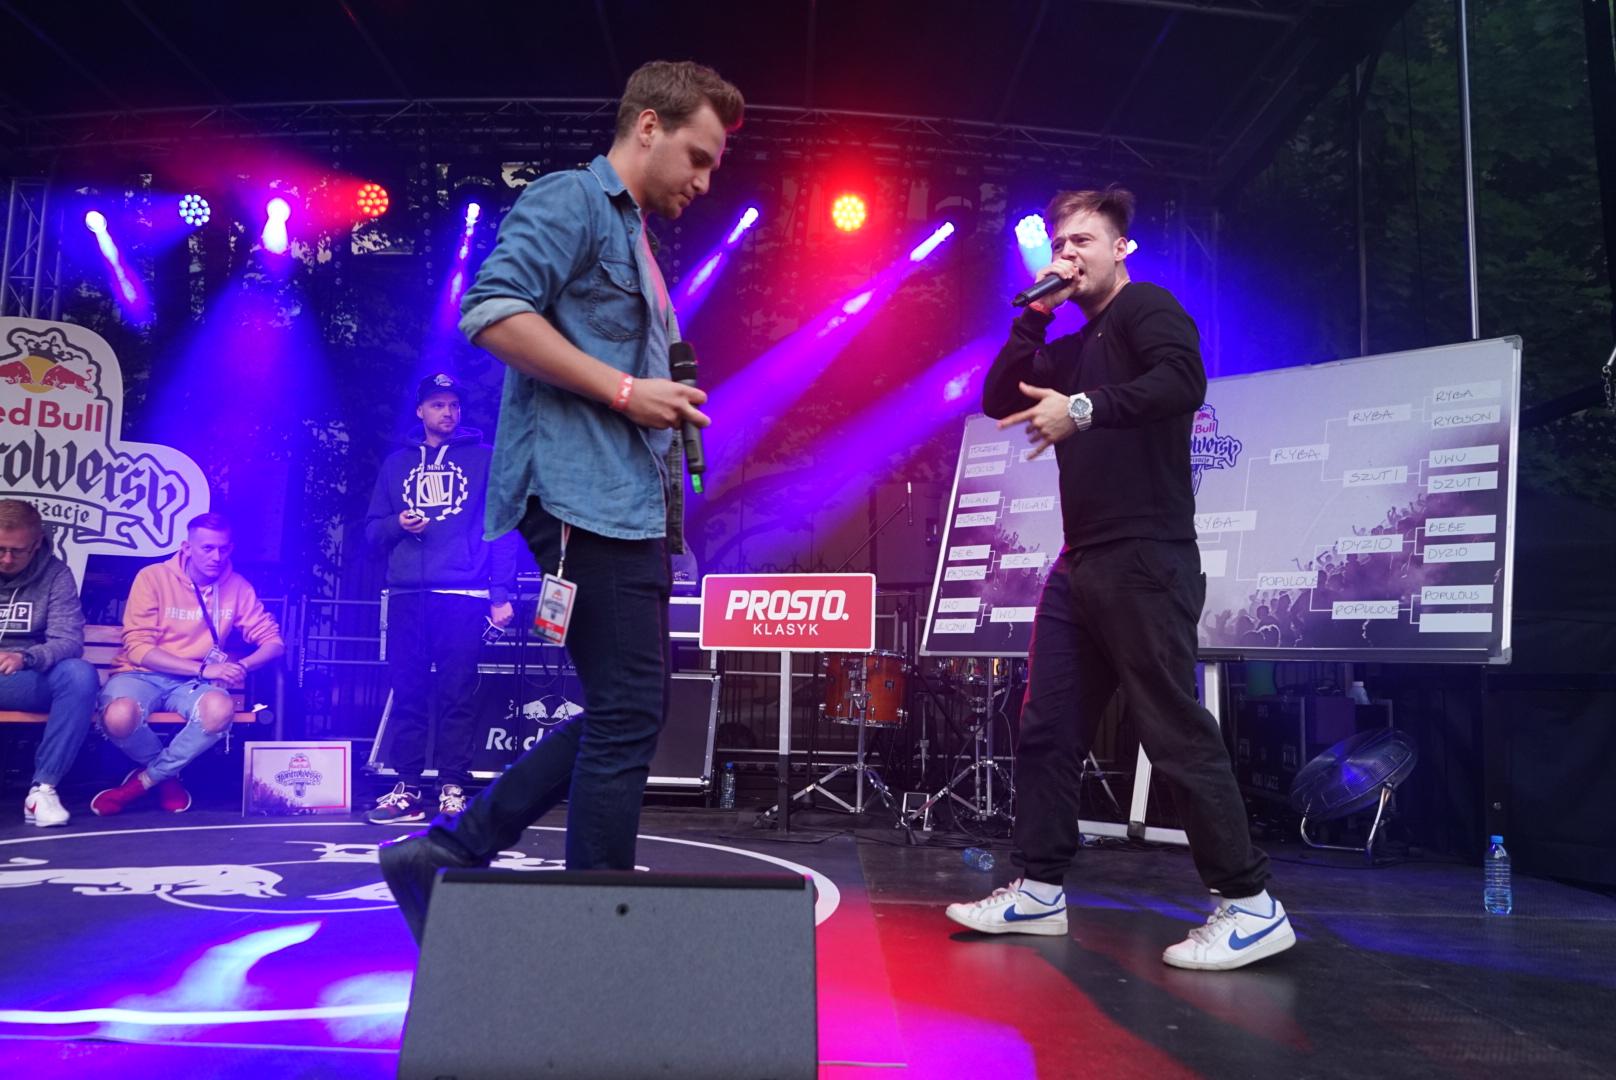 Red Bull Kontrowersy - Warszawa, Ryba vs Toczek